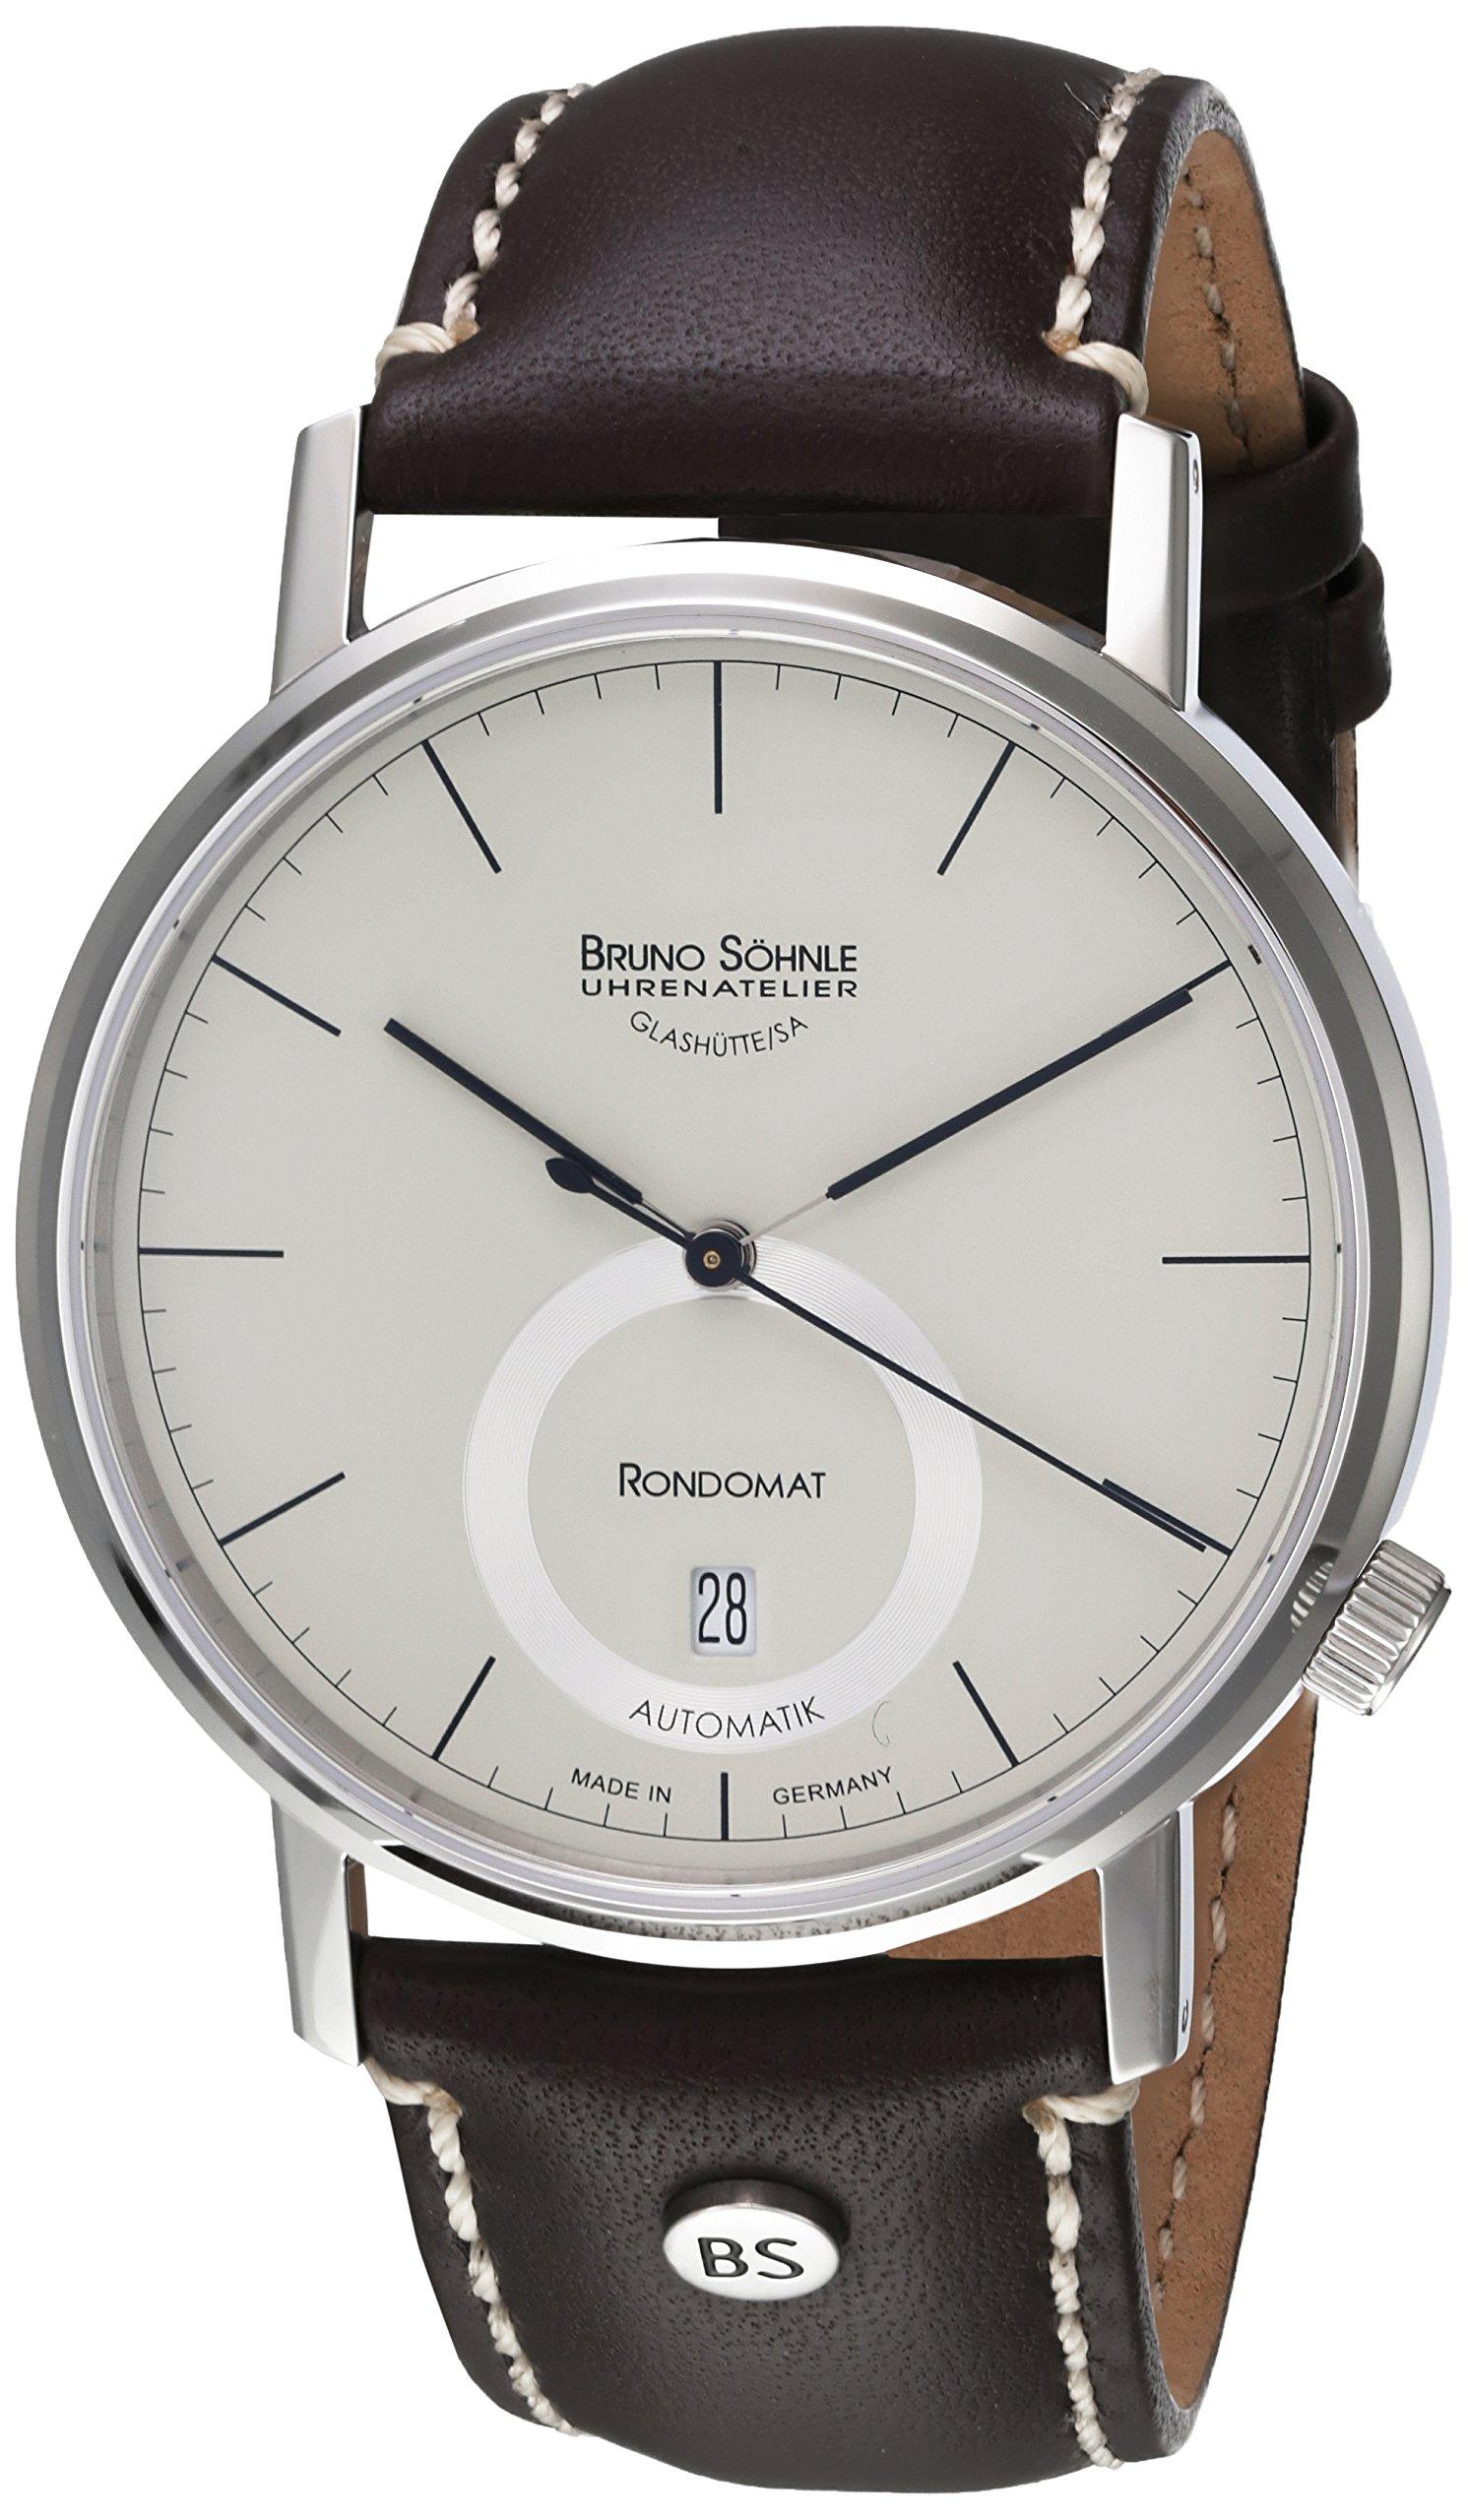 Herren-Armbanduhr 17-12098-141